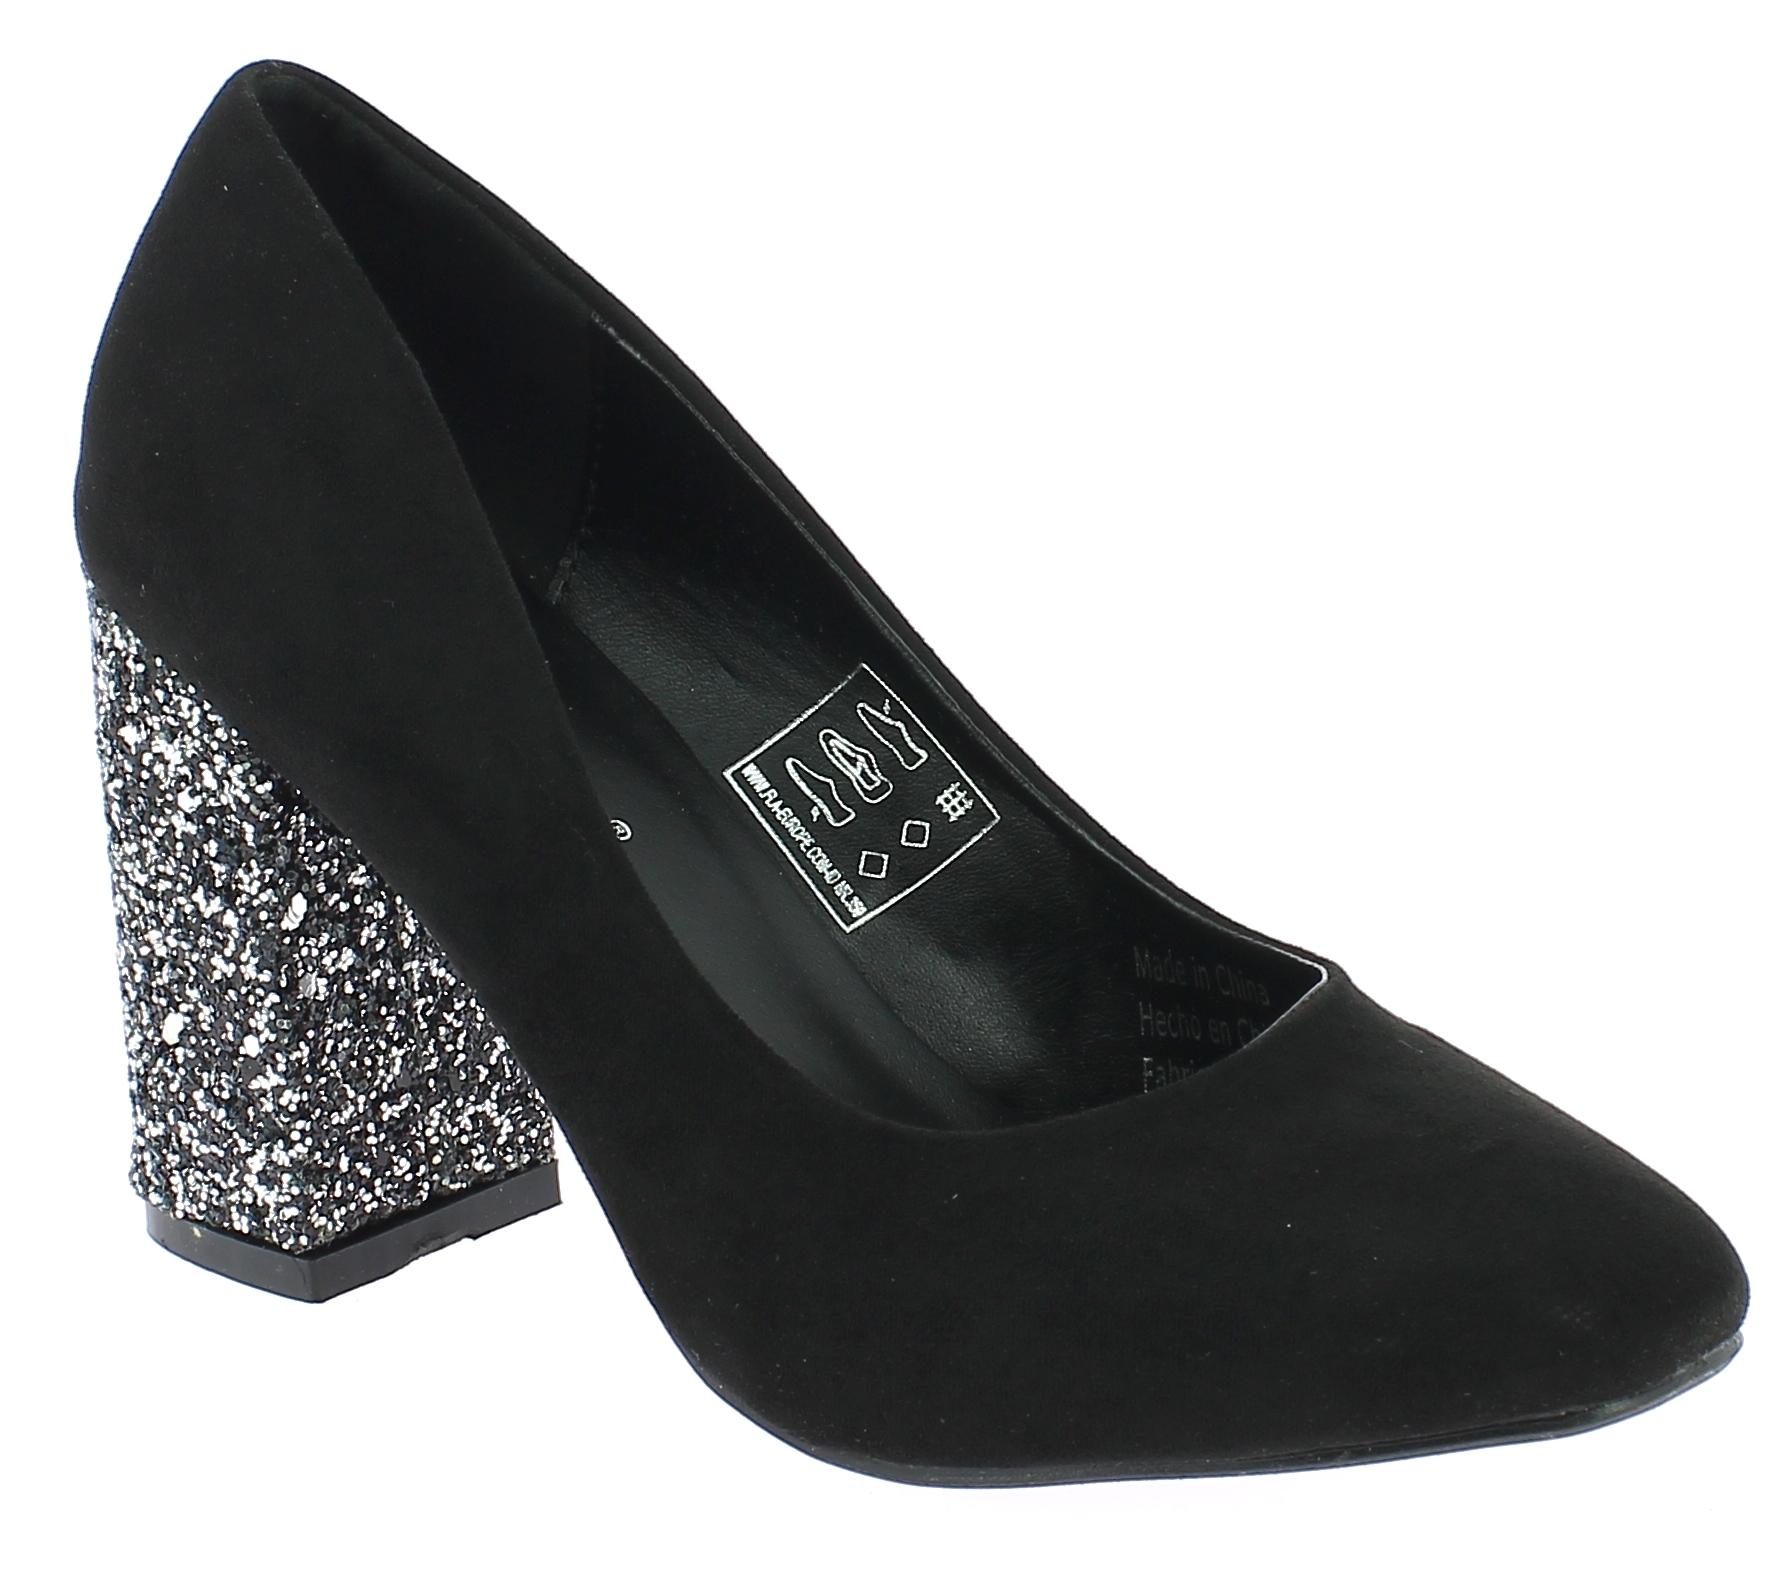 TOPWAY Γυναικεία Γόβα B059023 Μαύρο - IqShoes - B059023 BLACK-black-38/1/15/11 παπούτσια  γόβες